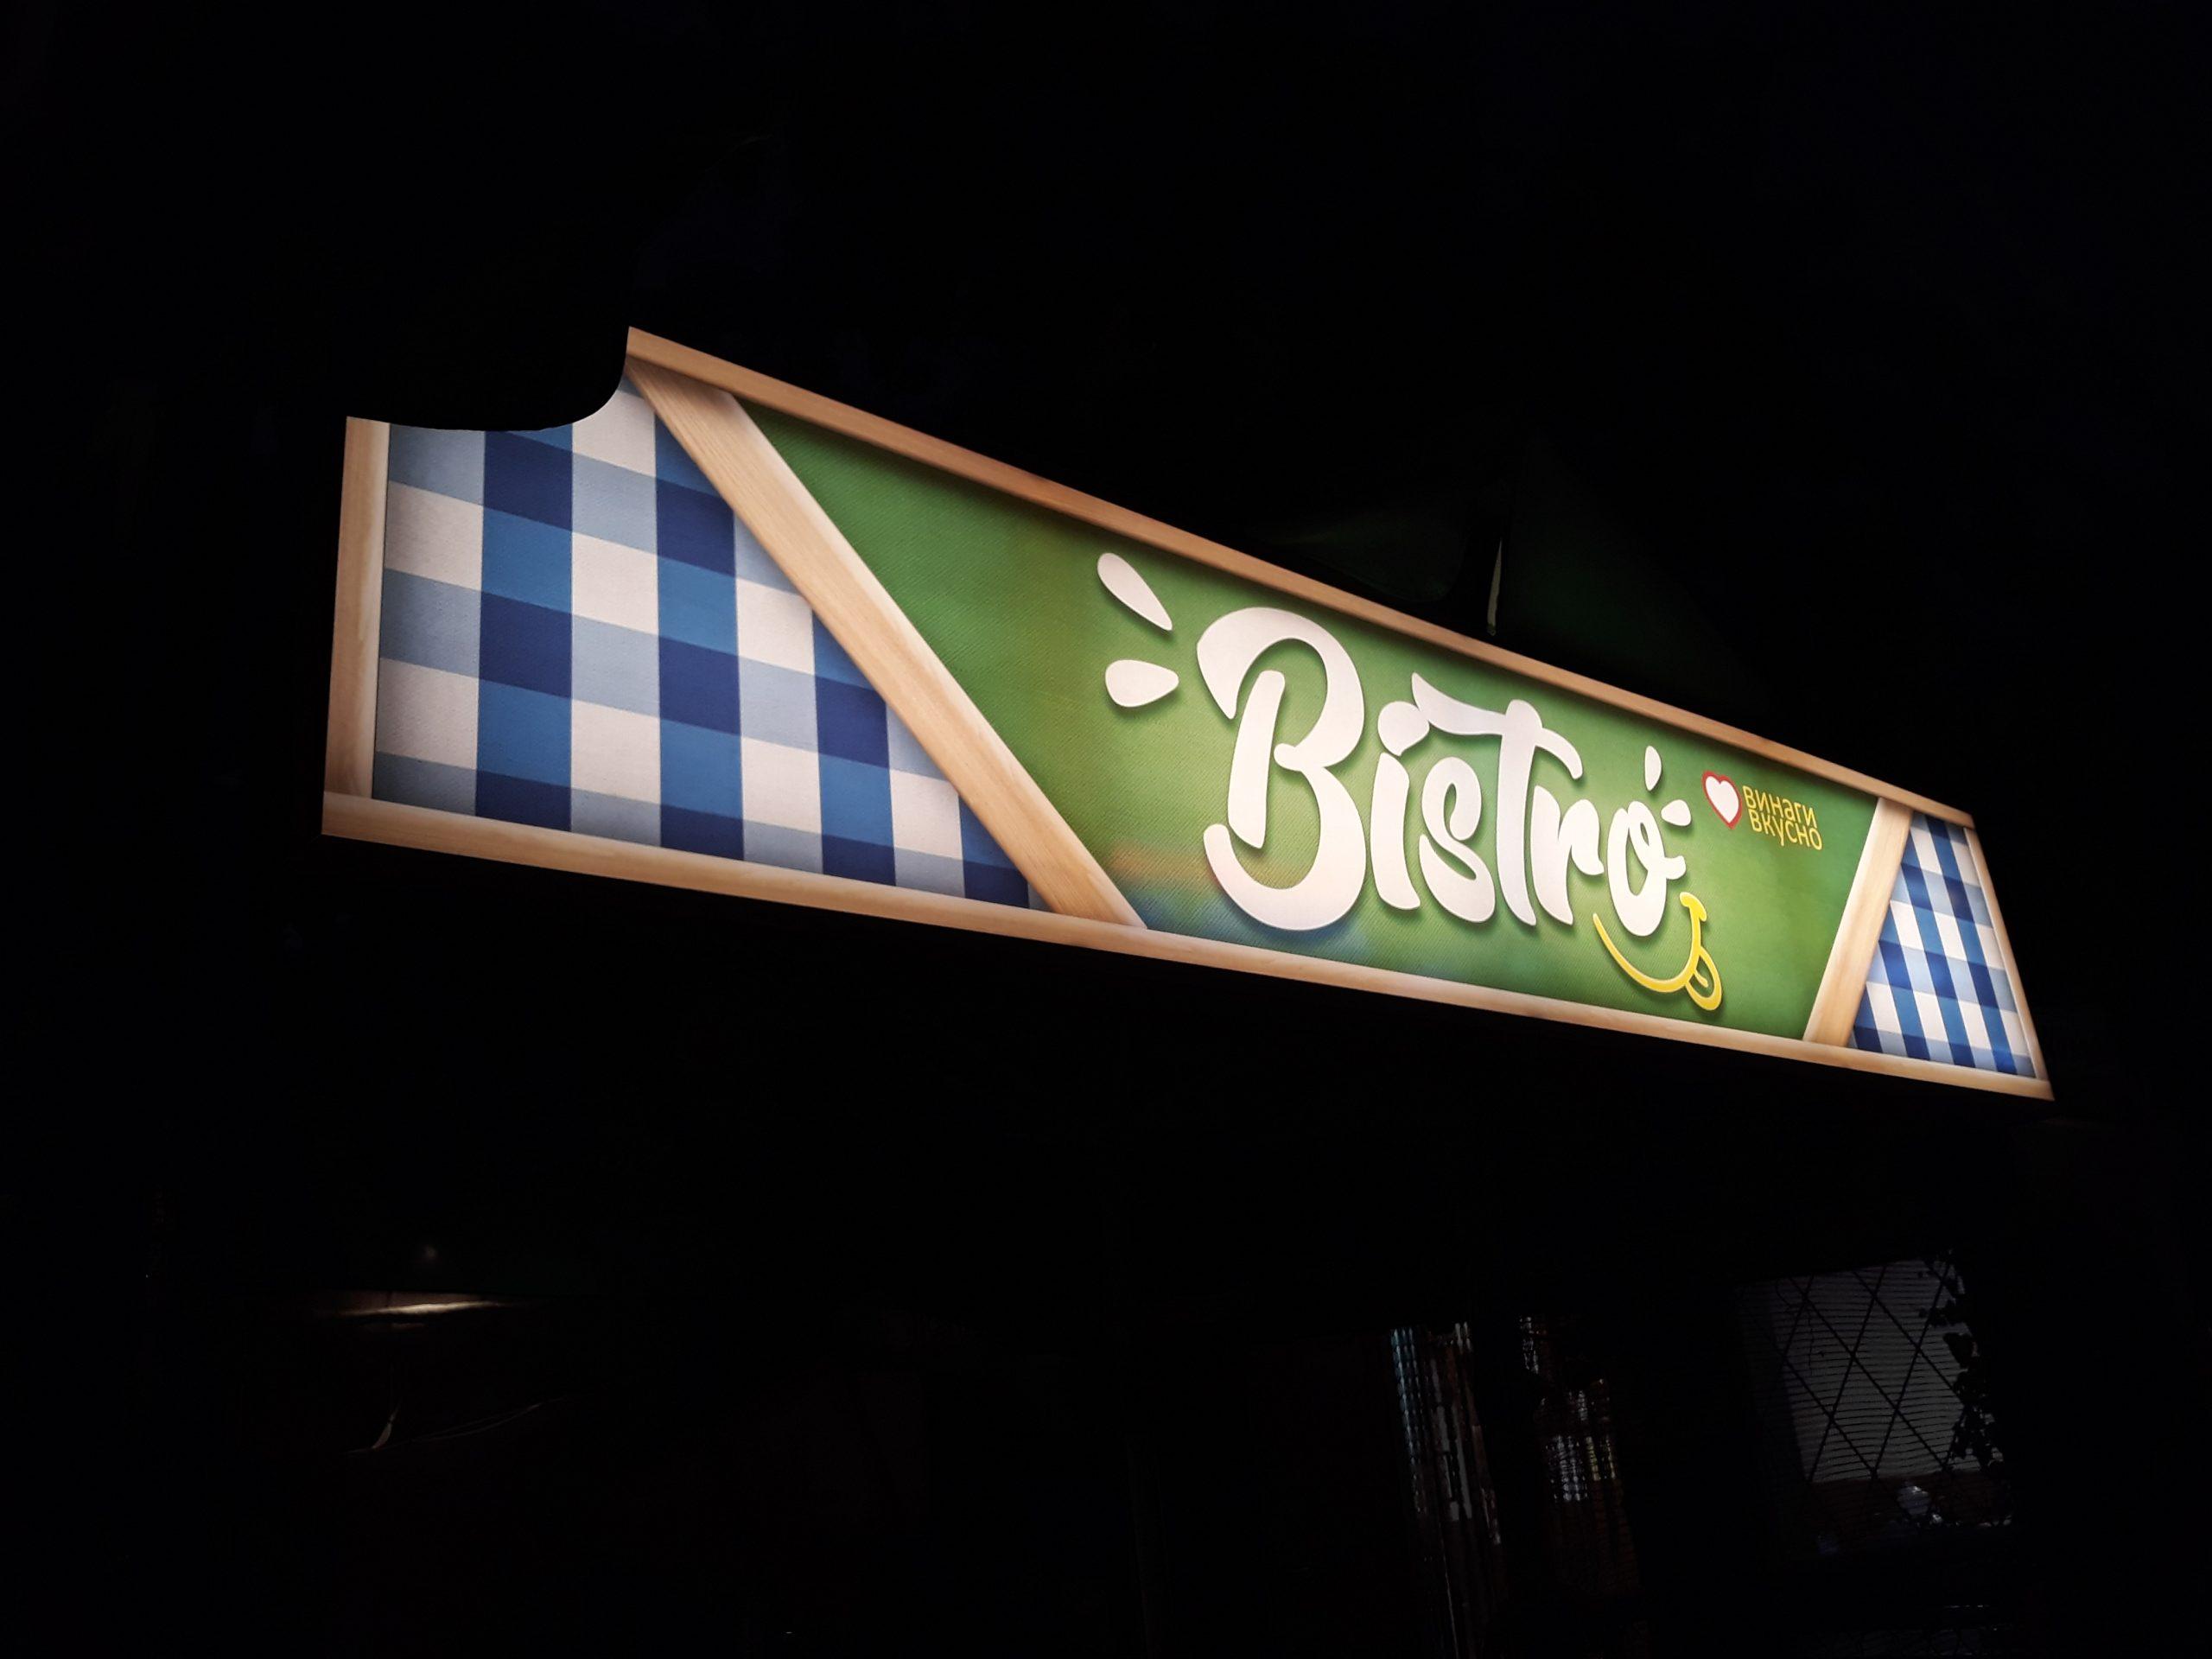 Светеща табела за Бистро